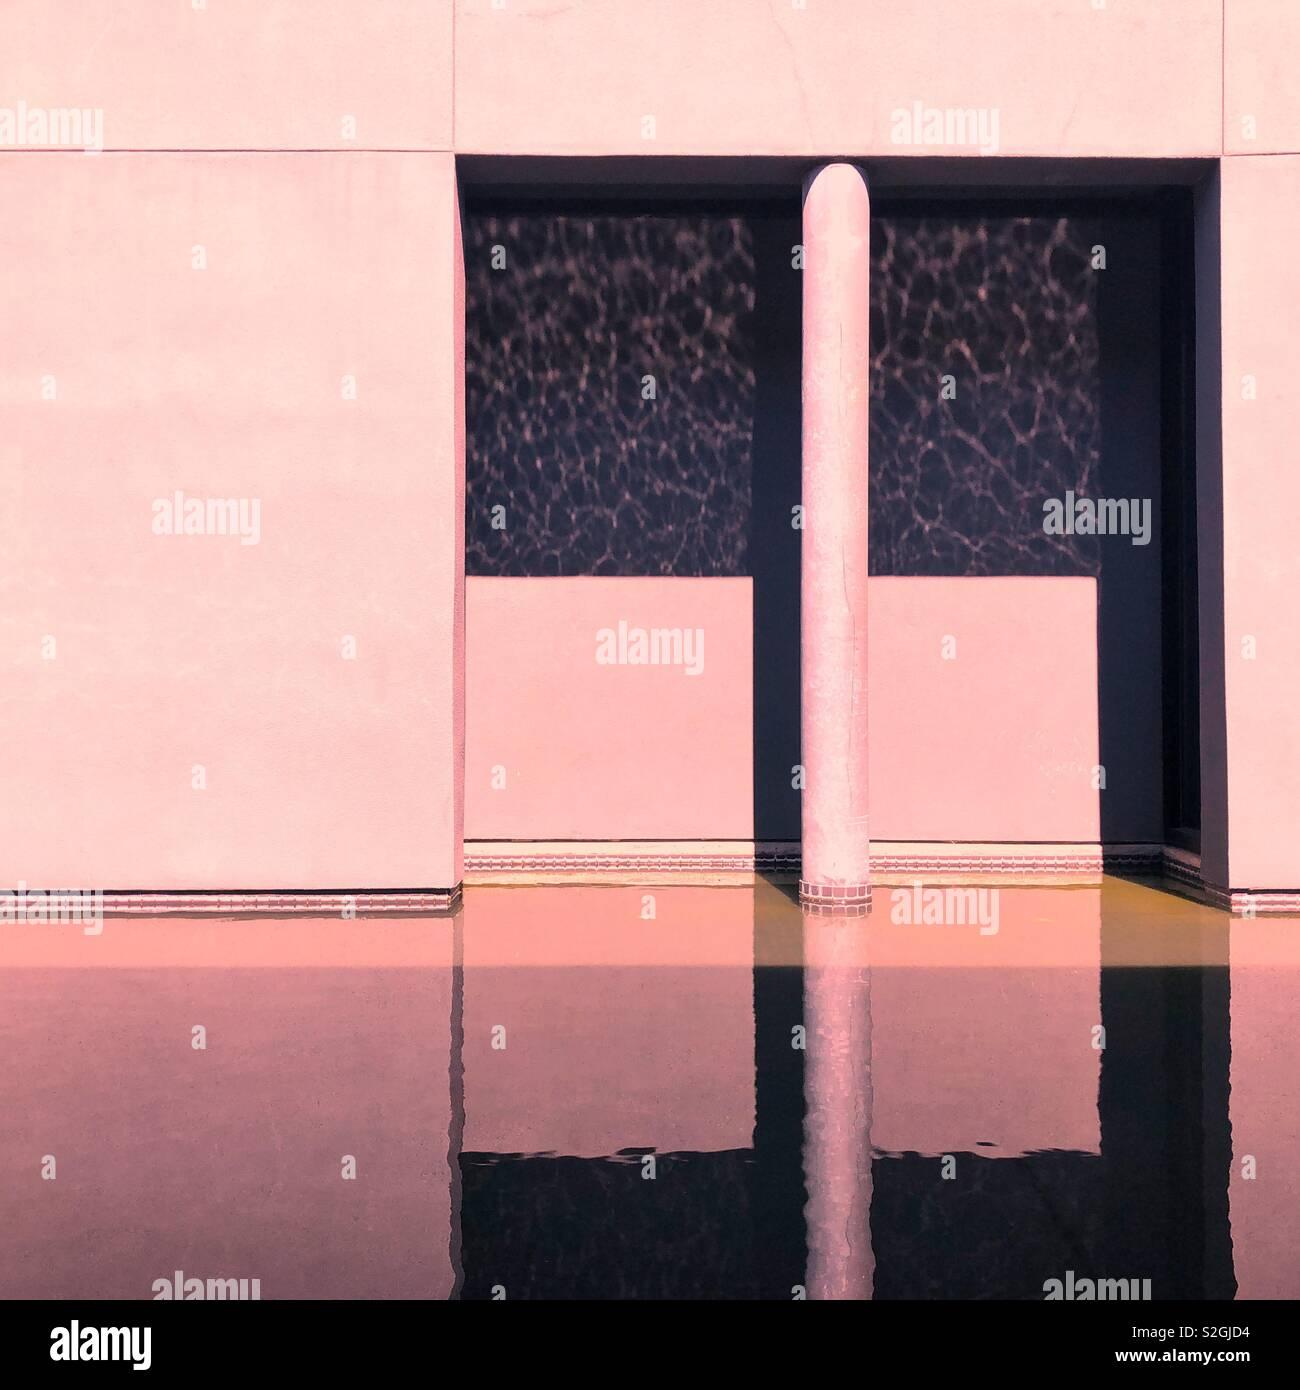 Abstrakte architektonischen Reflexion Stockfoto